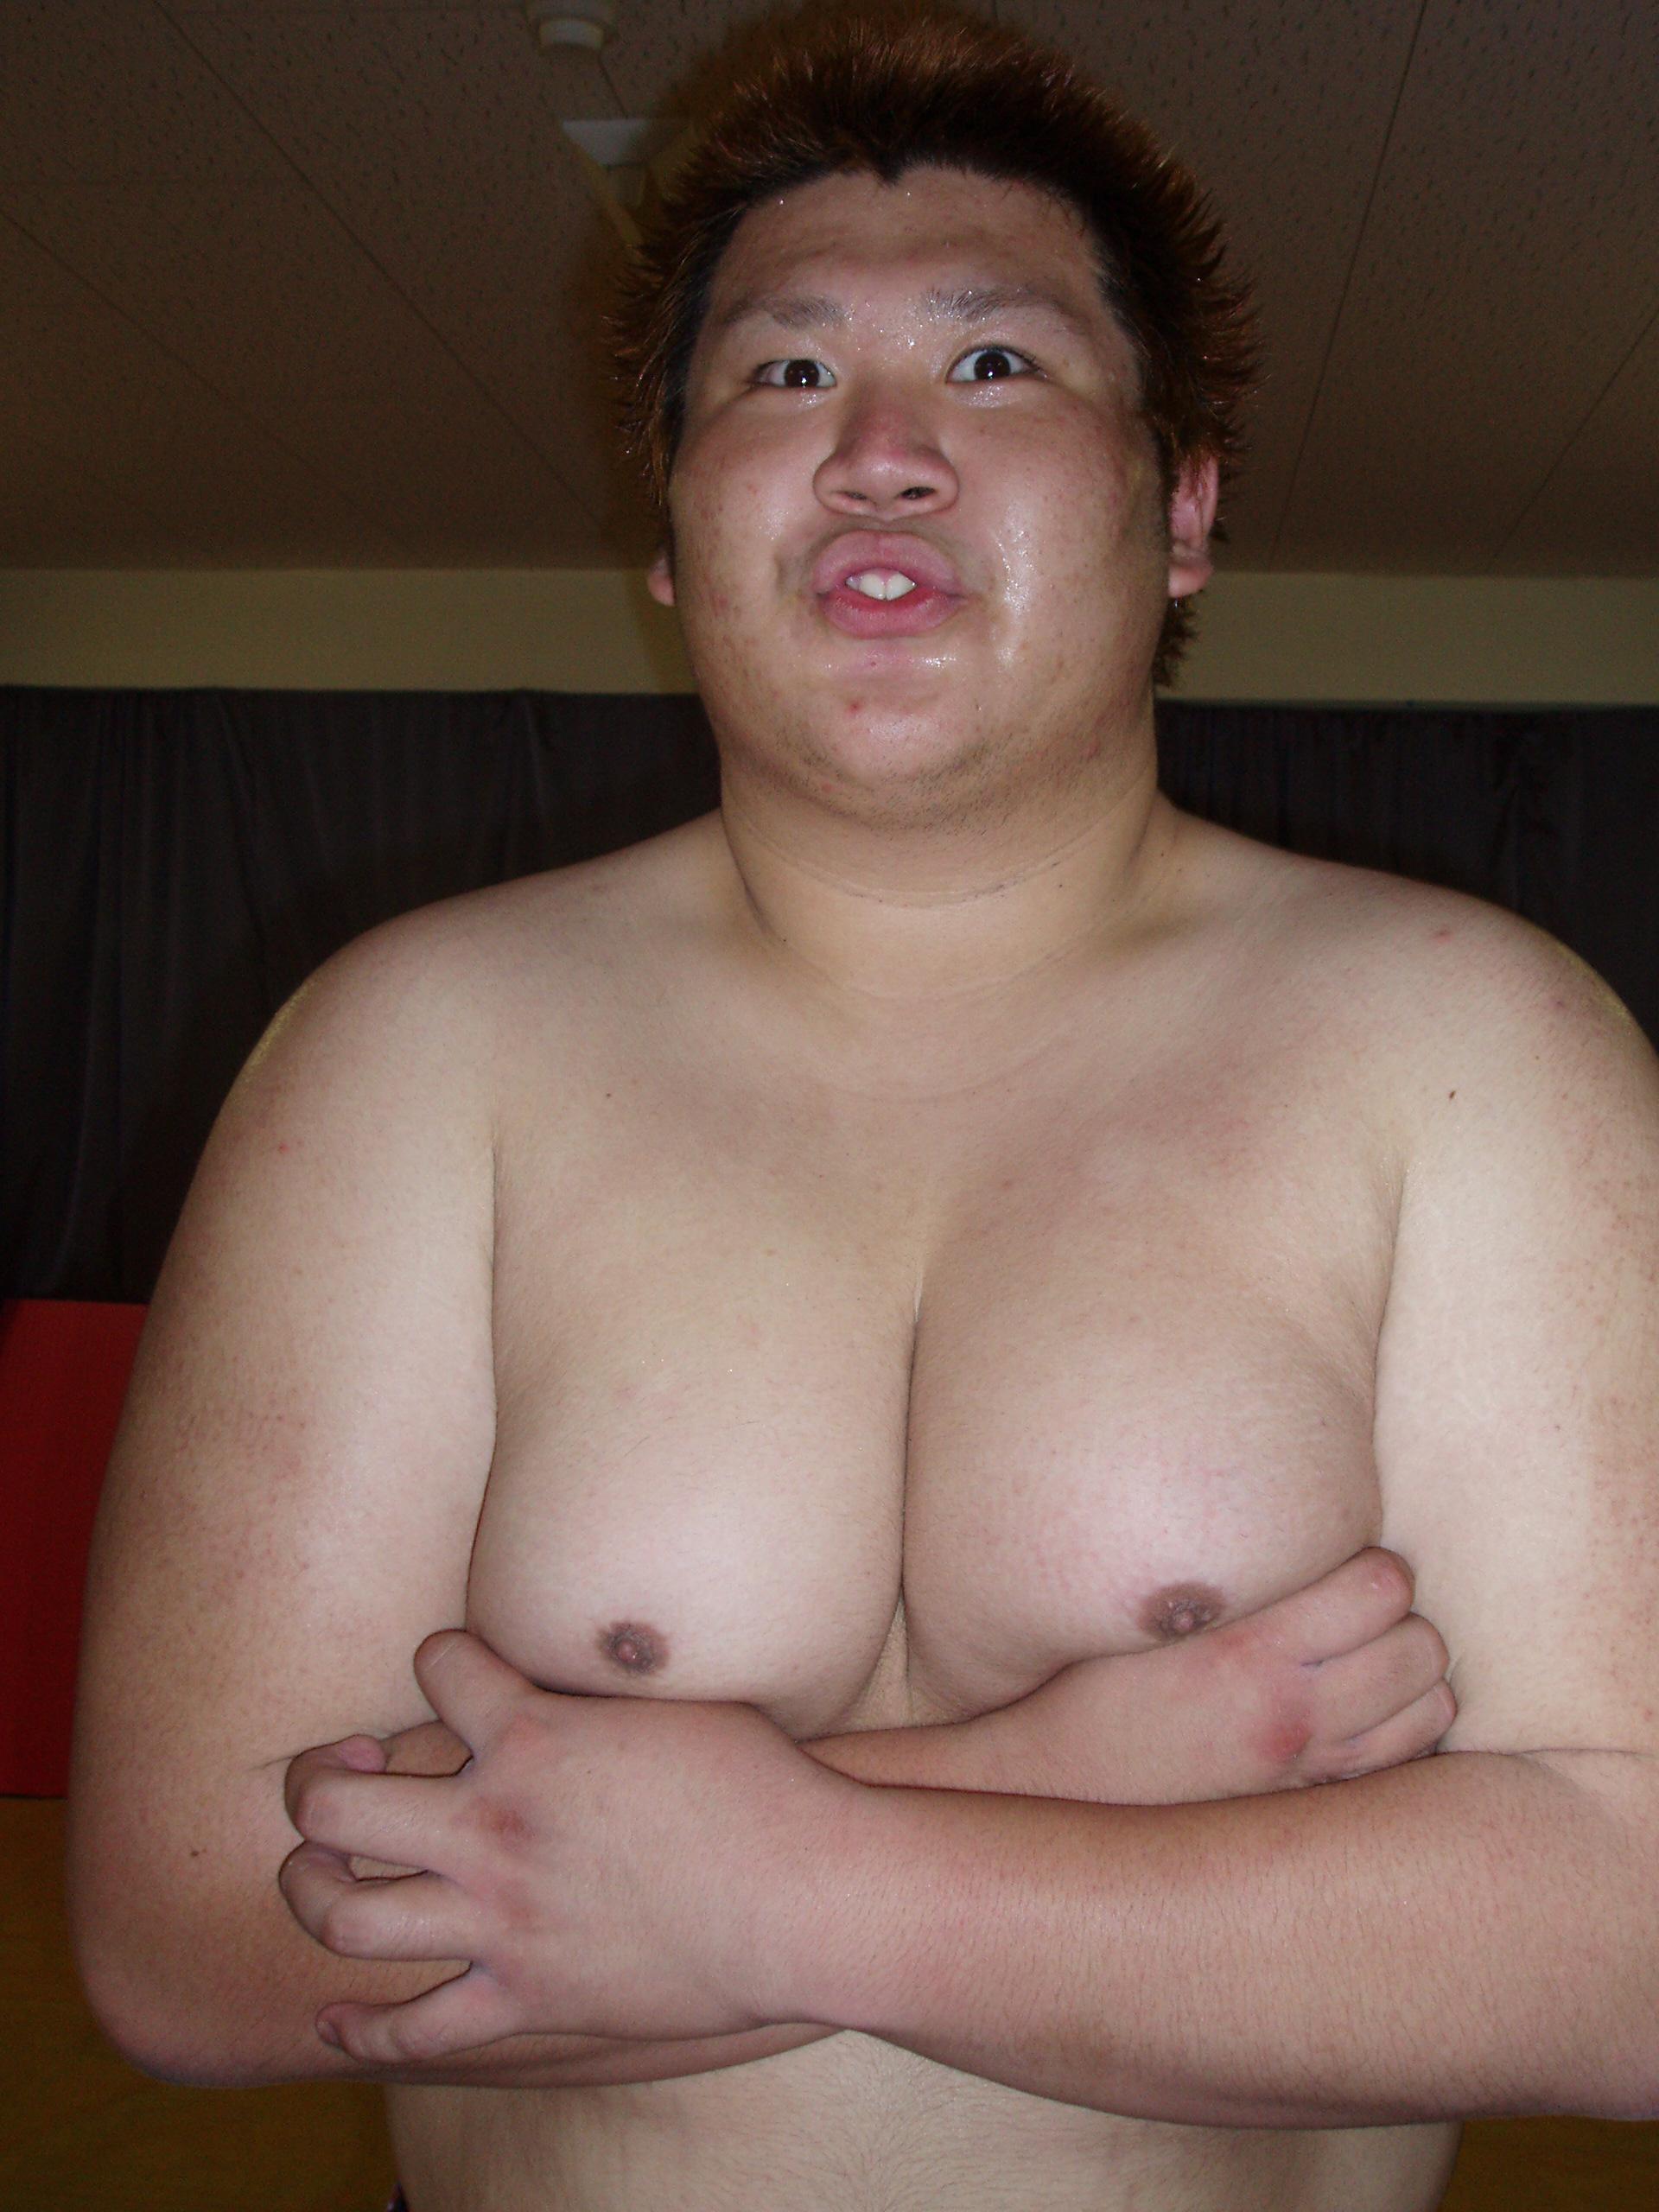 【裸】ノンケのバカ騒ぎ写真3【露出】YouTube動画>14本 ->画像>188枚